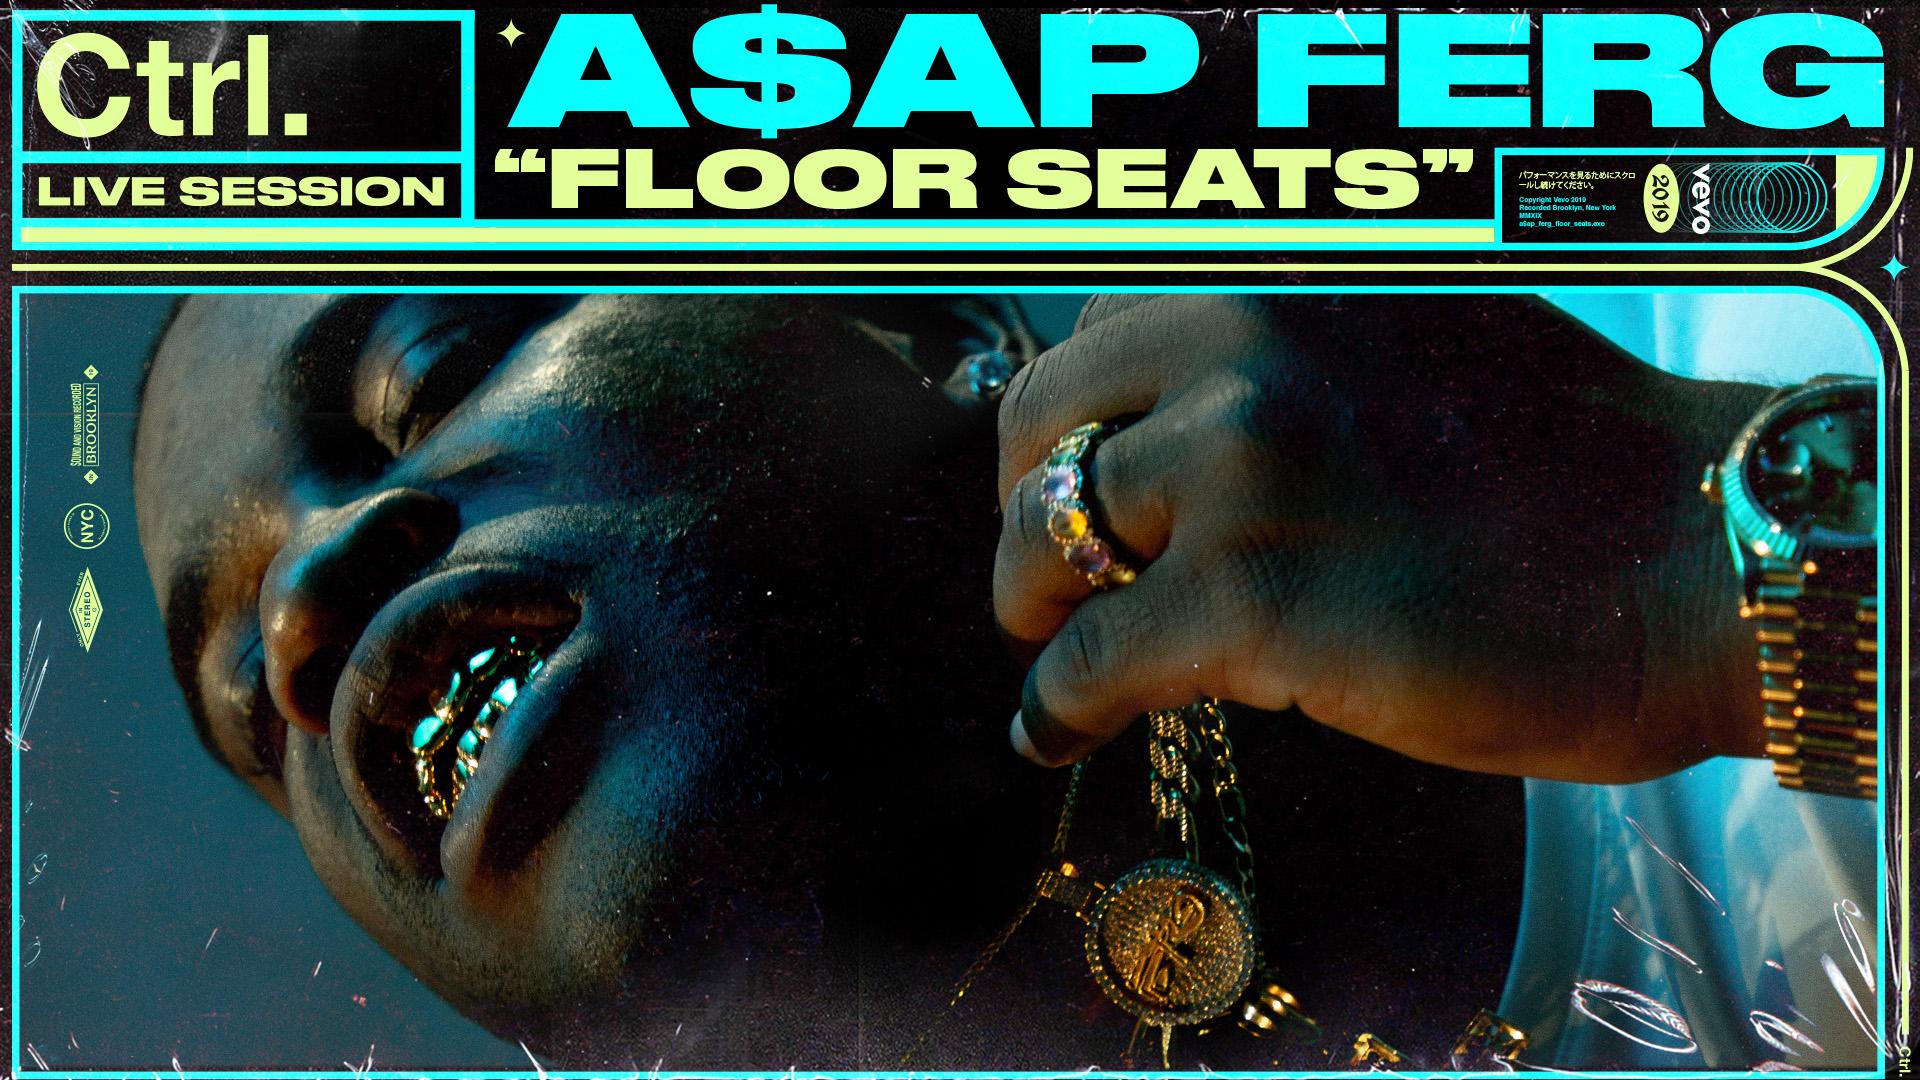 Watch: ASAP Ferg Performs 'Floor Seats